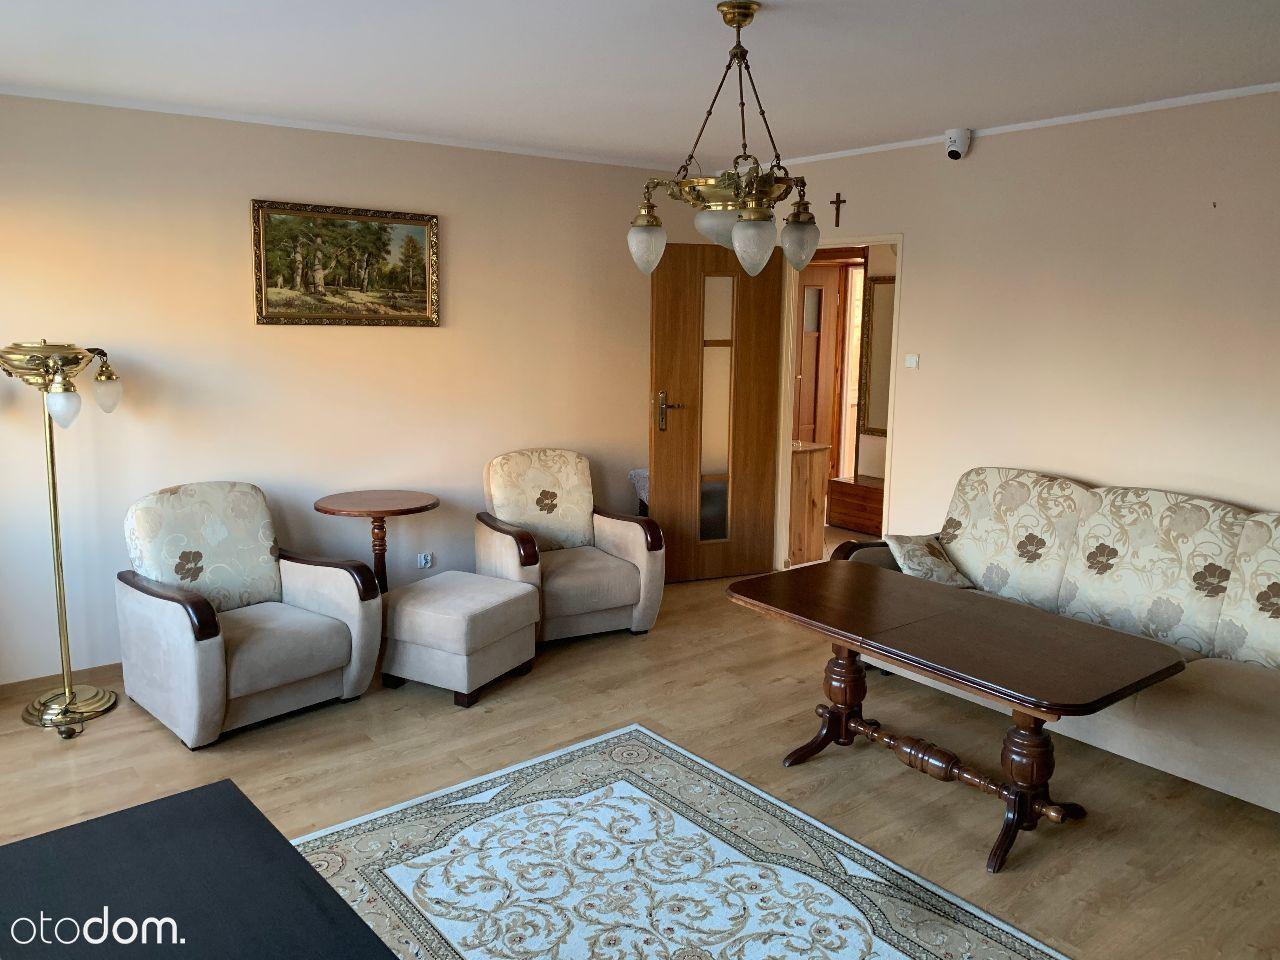 Sprzedam mieszkanie 3-pokojowe wyremontowane 58 m2